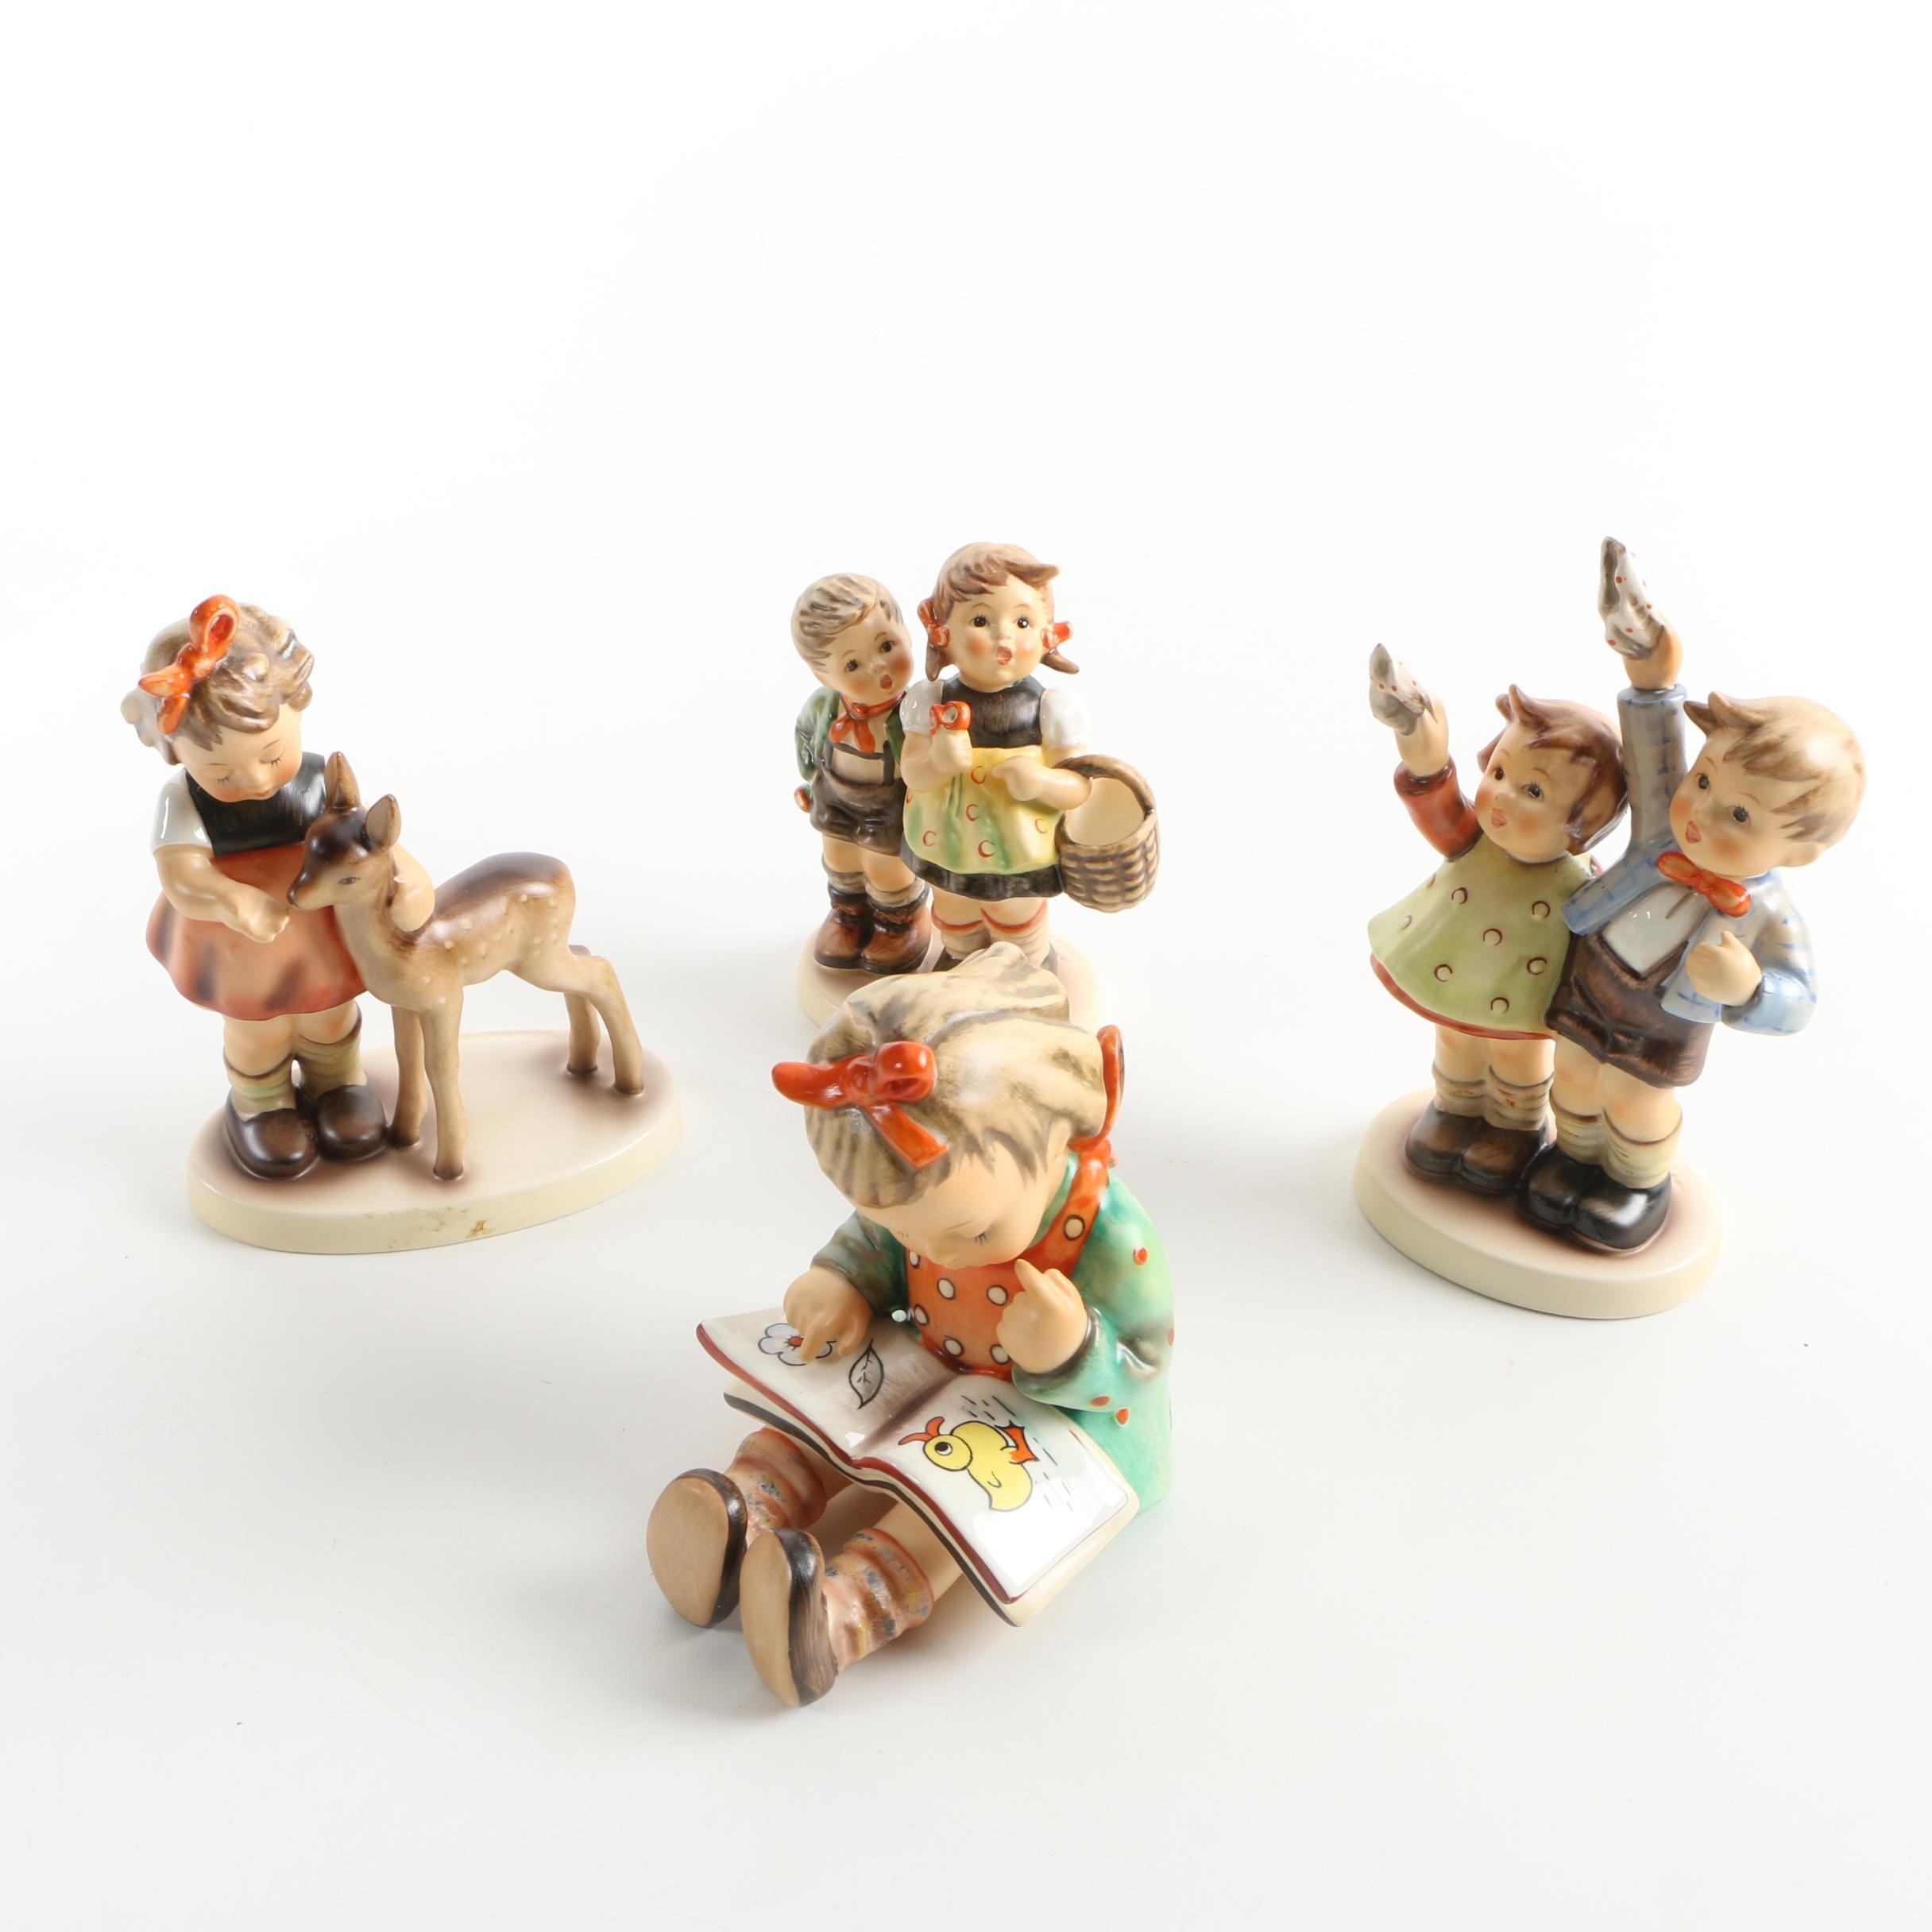 Goebel Hummel Porcelain Figurines